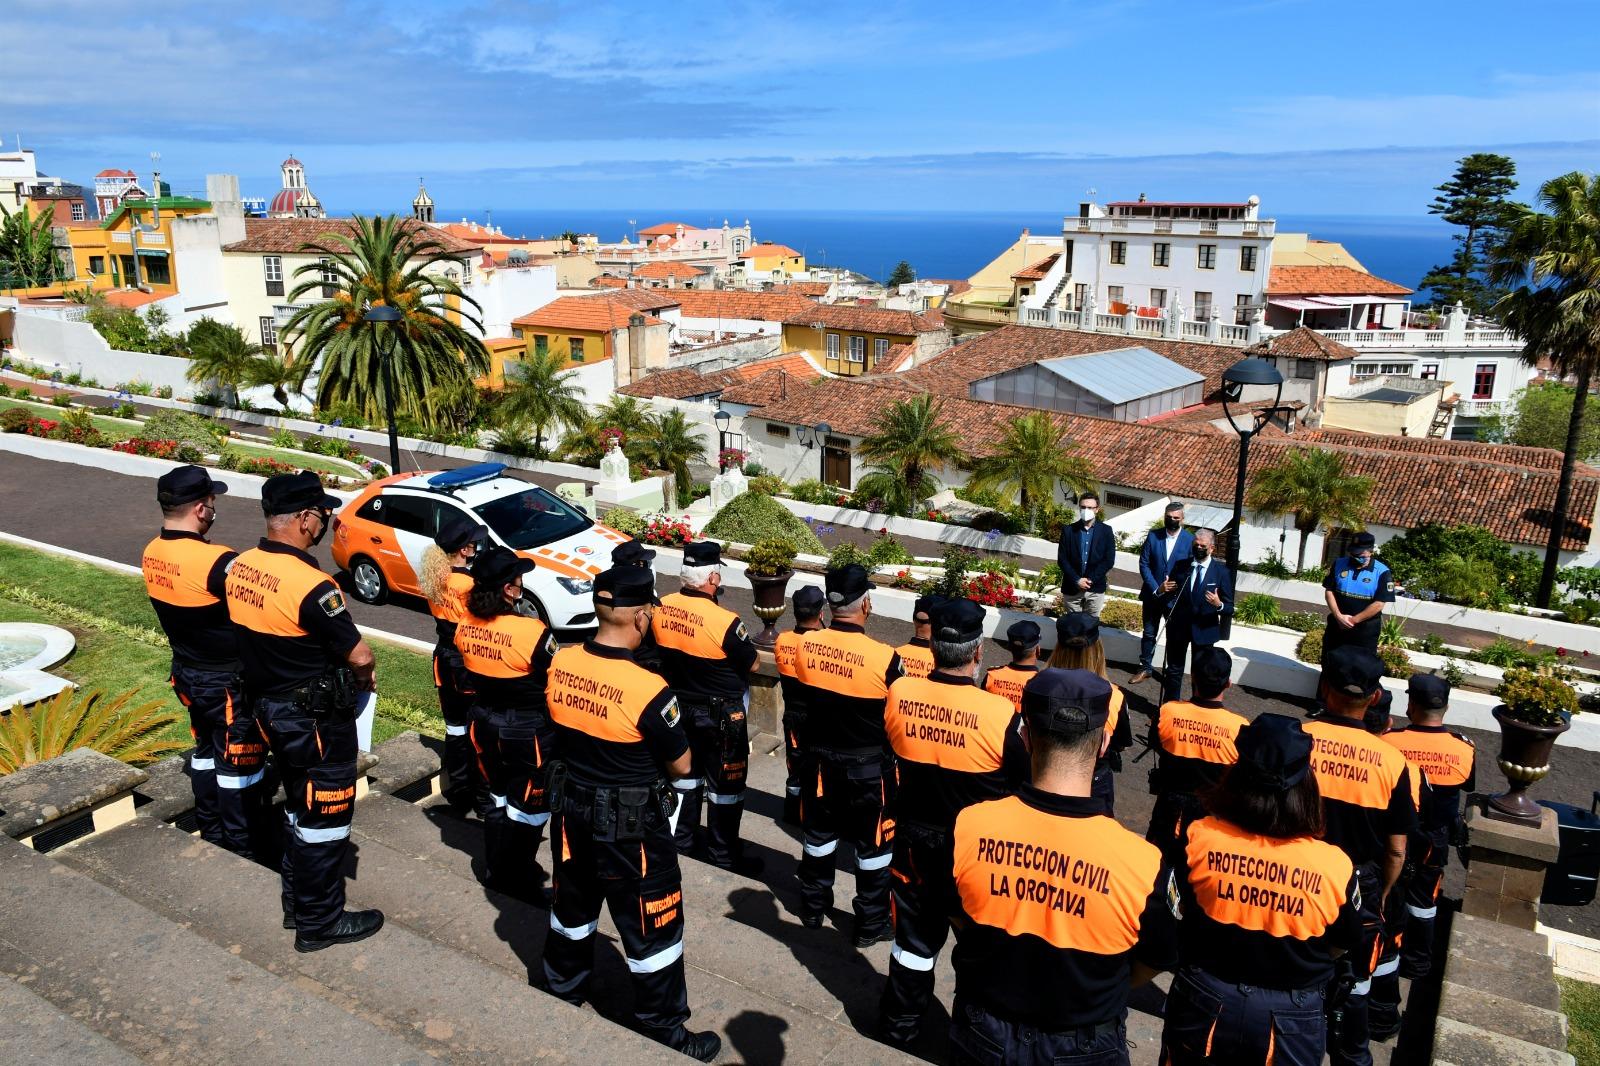 La Agrupación de Protección Civil de La Orotava celebra su séptimo aniversario